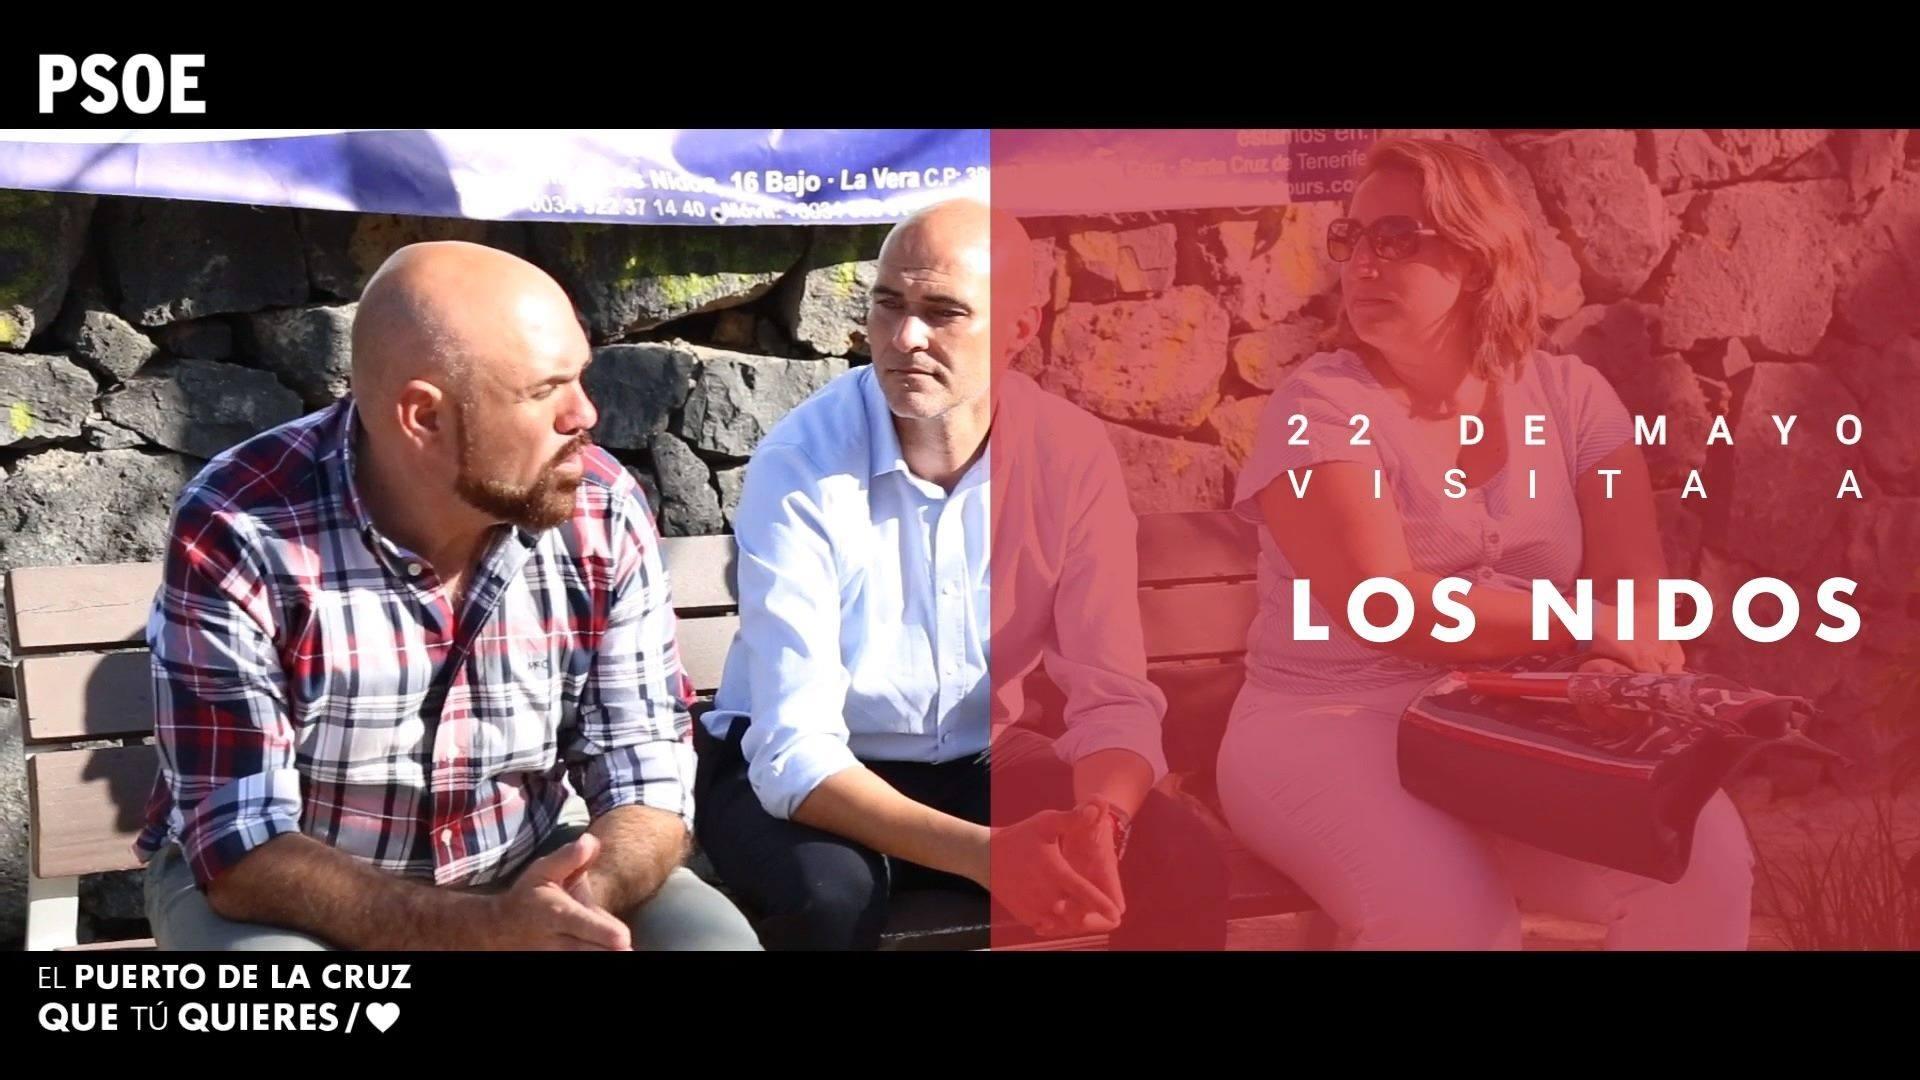 Elecciones municipales - Visita a Los Nidos - 22 de mayo